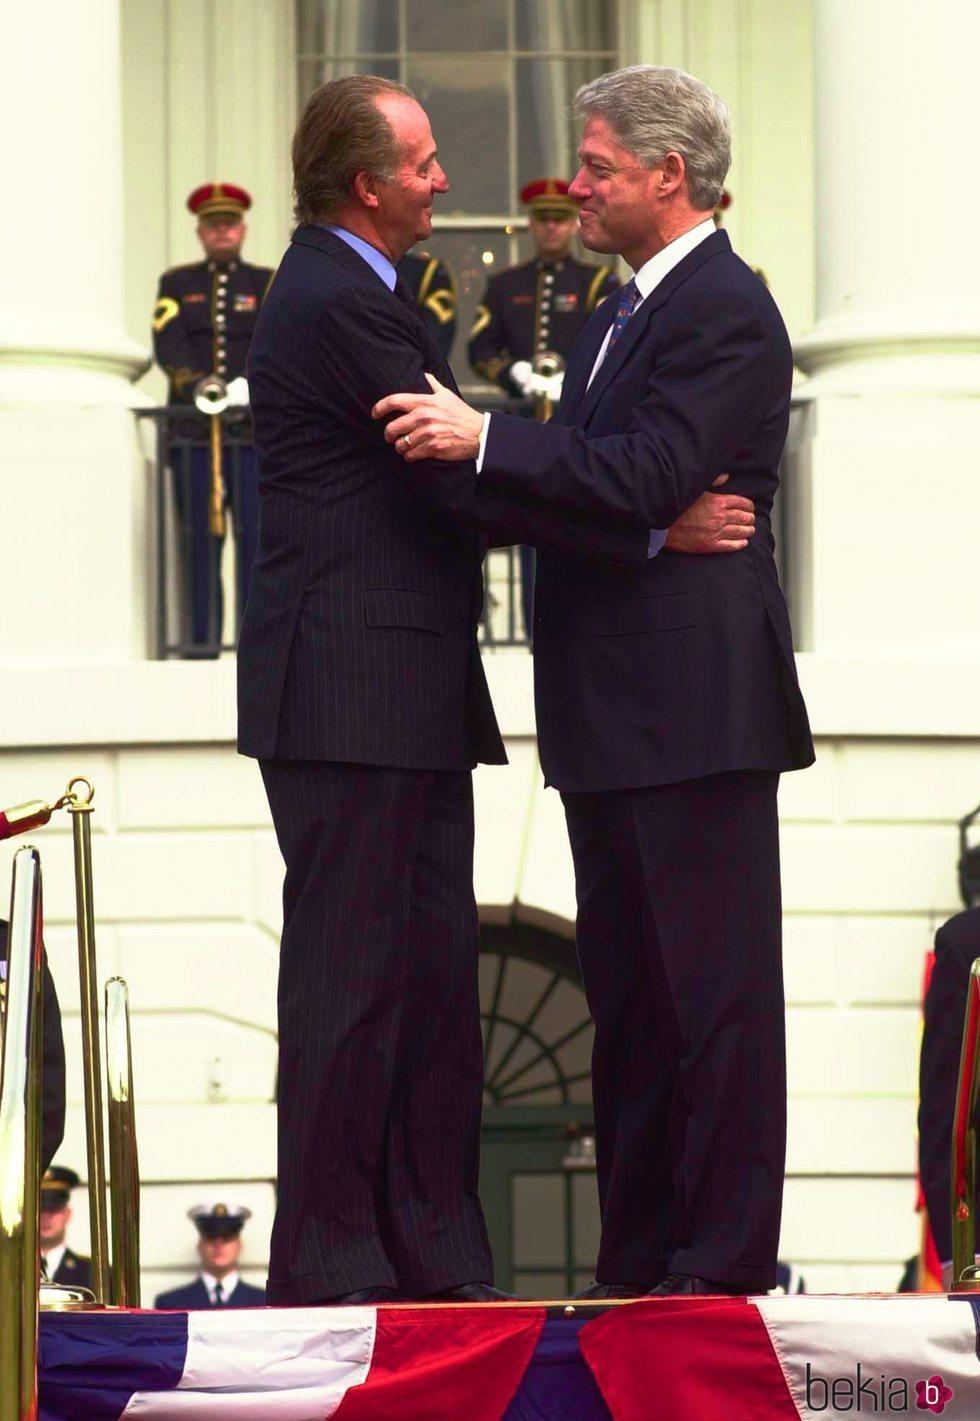 El Rey Juan Carlos y Bill Clinton en la Casa Blanca